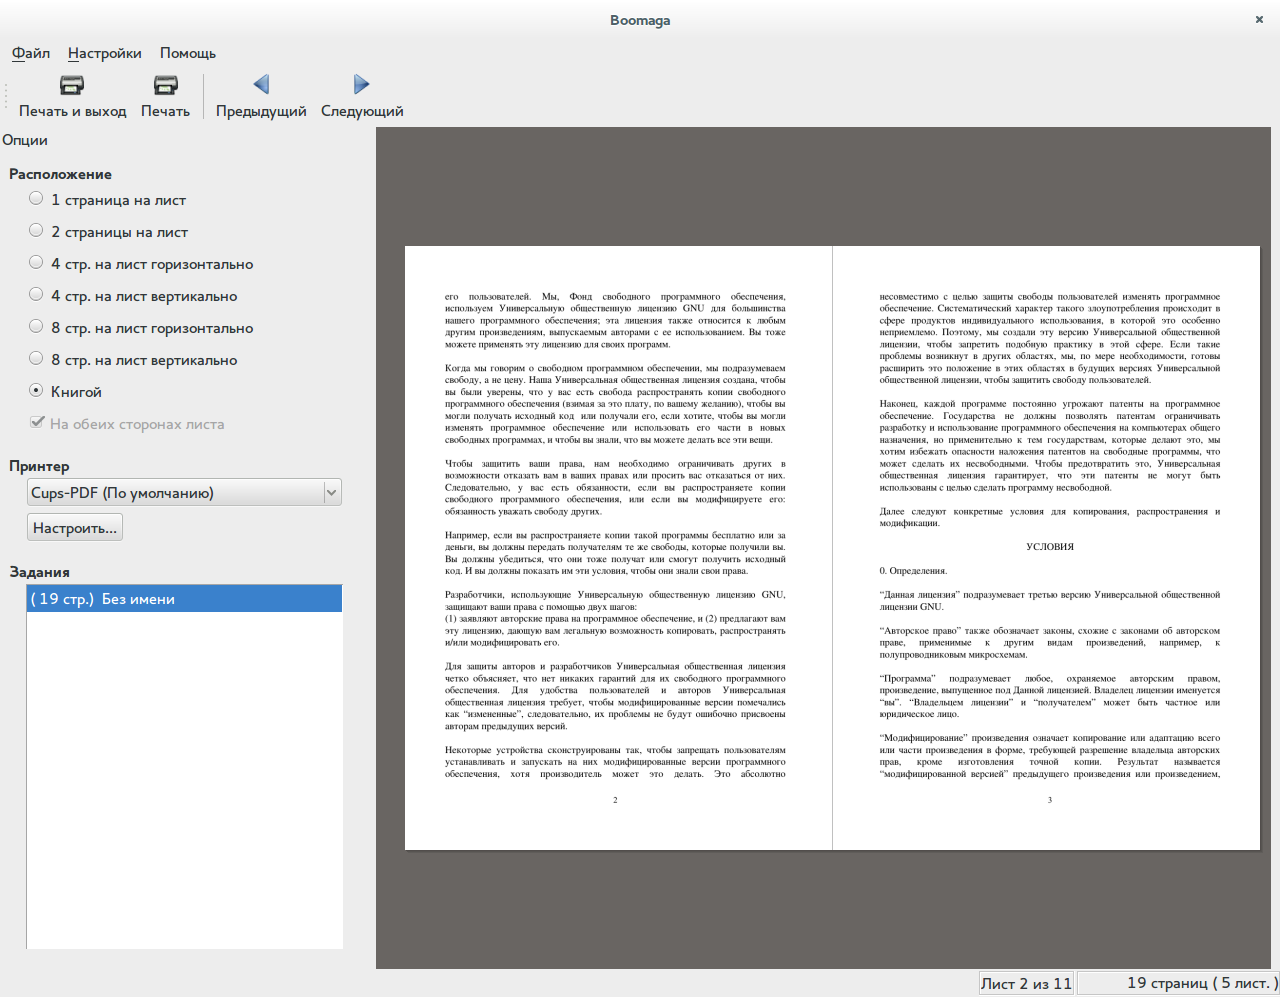 Печать документов PDF 95